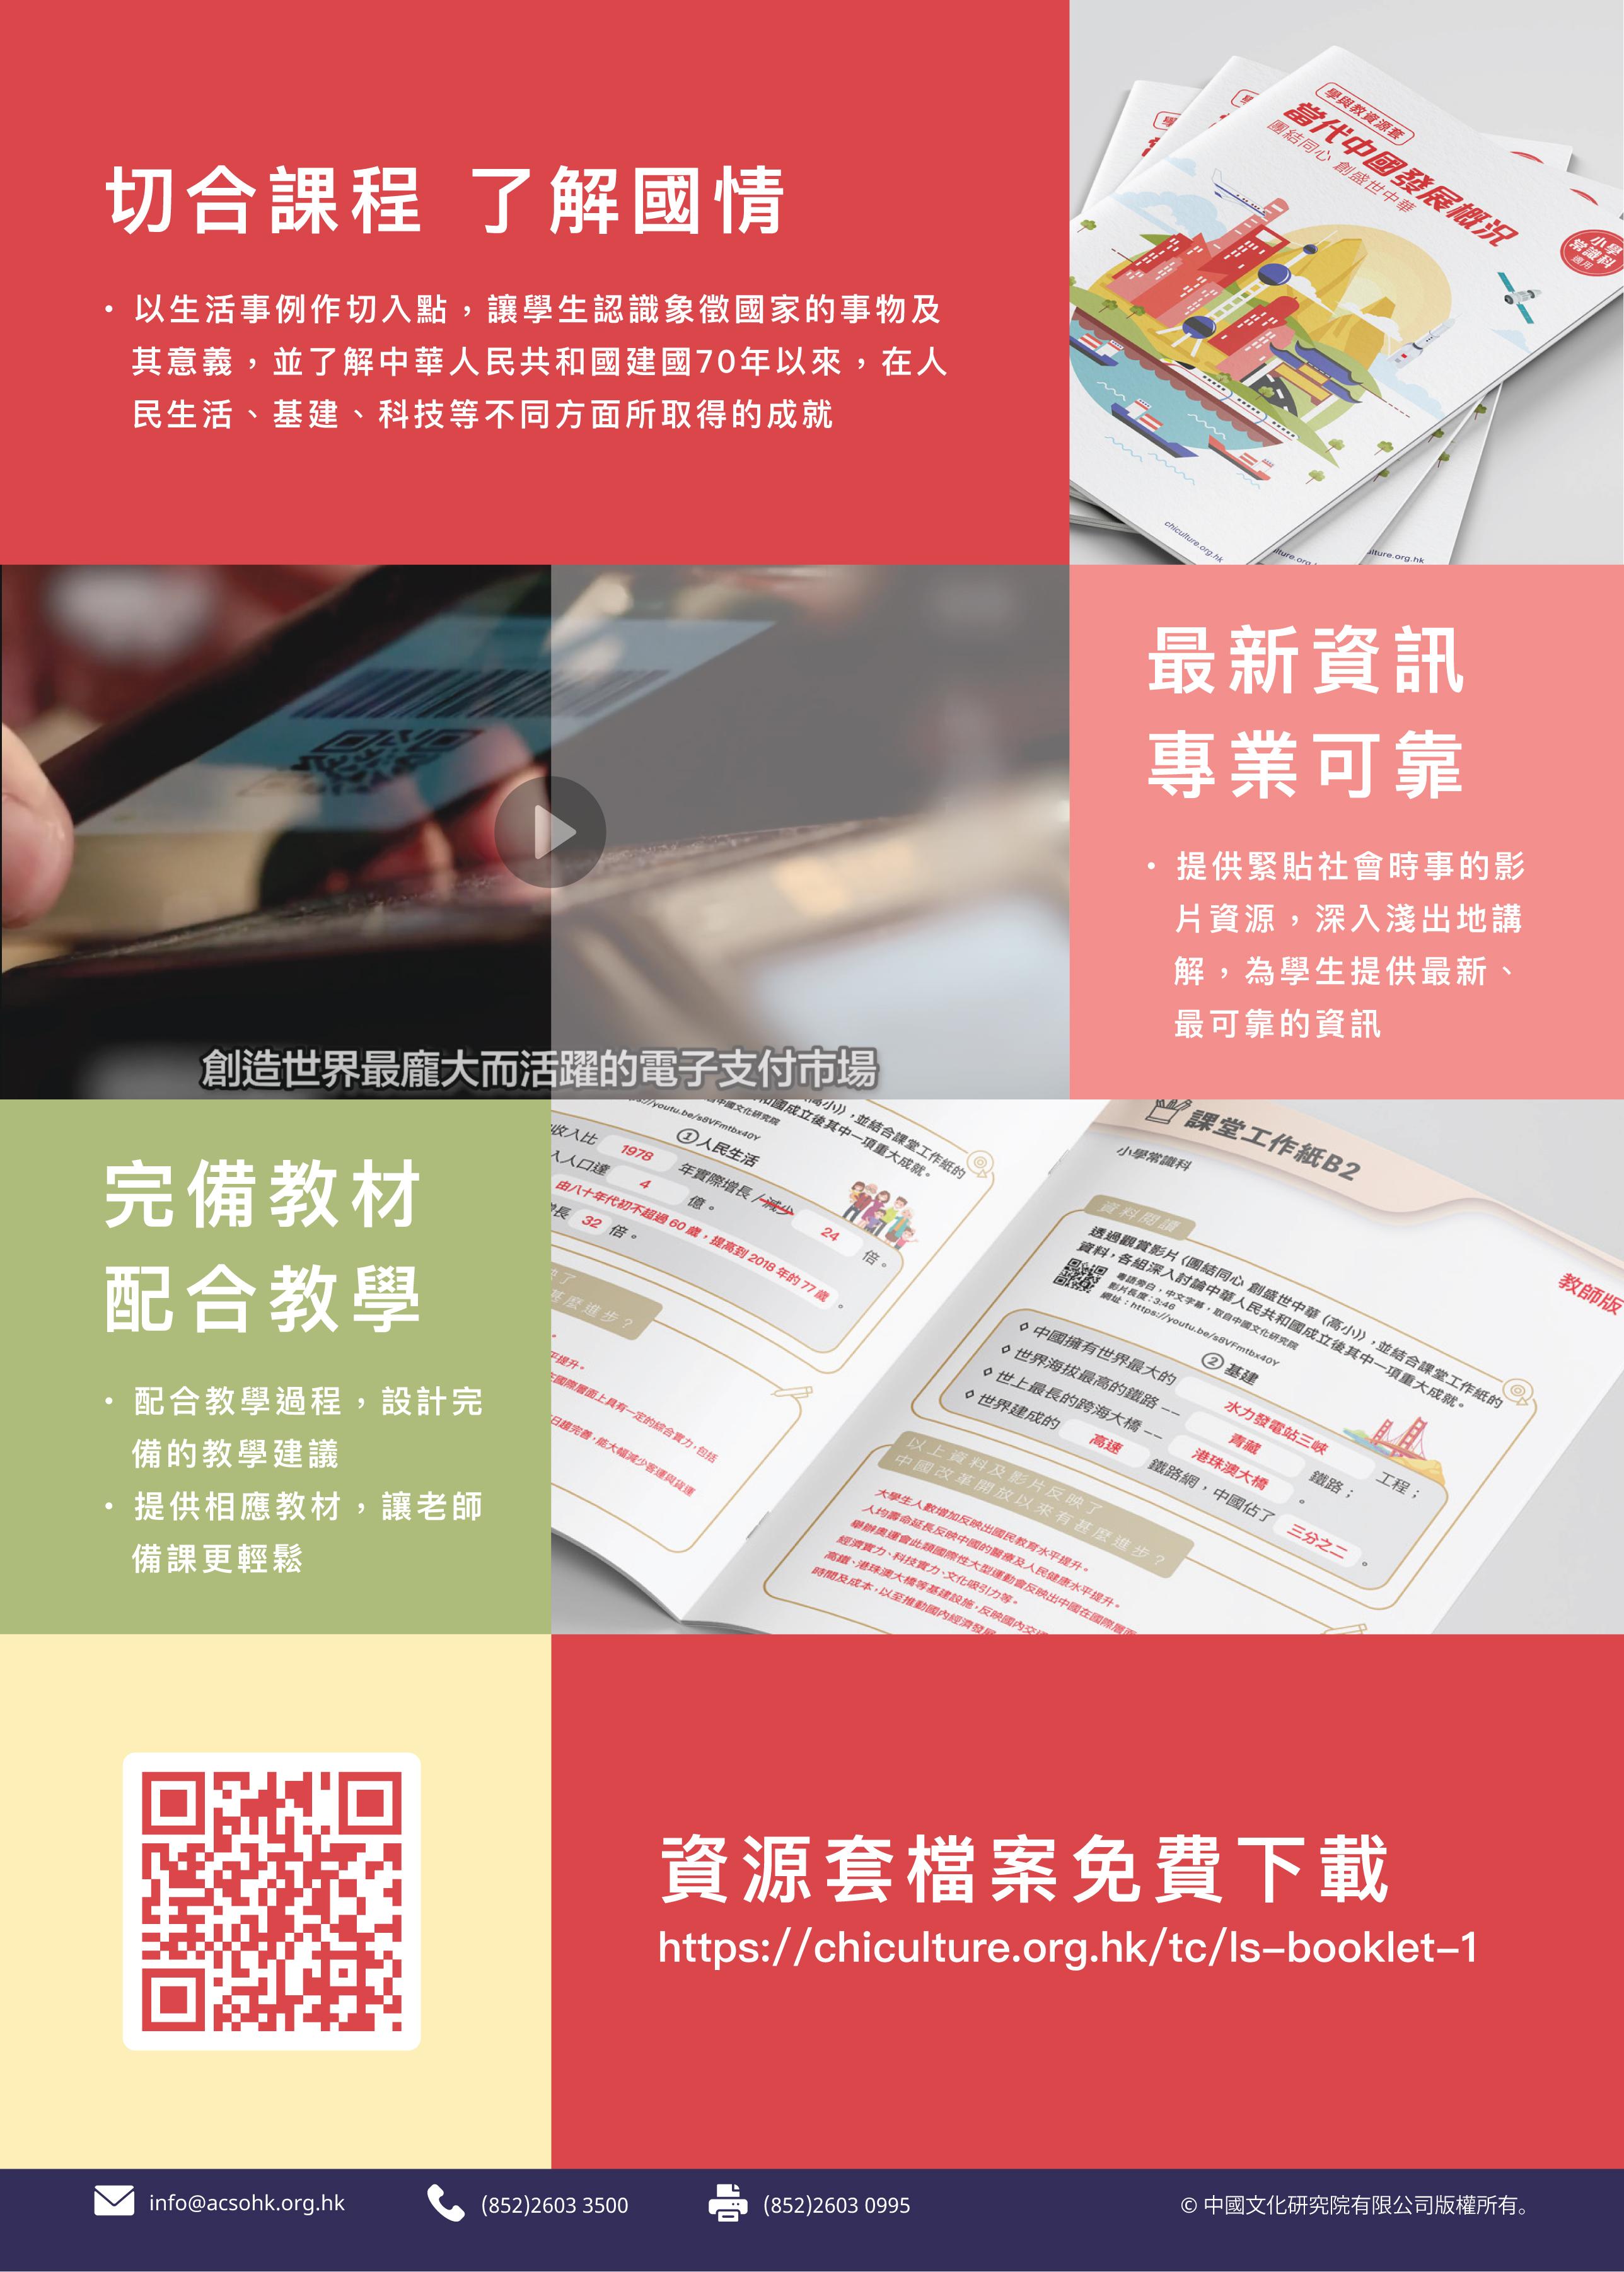 常識科教材套 – 當代中國發展概況